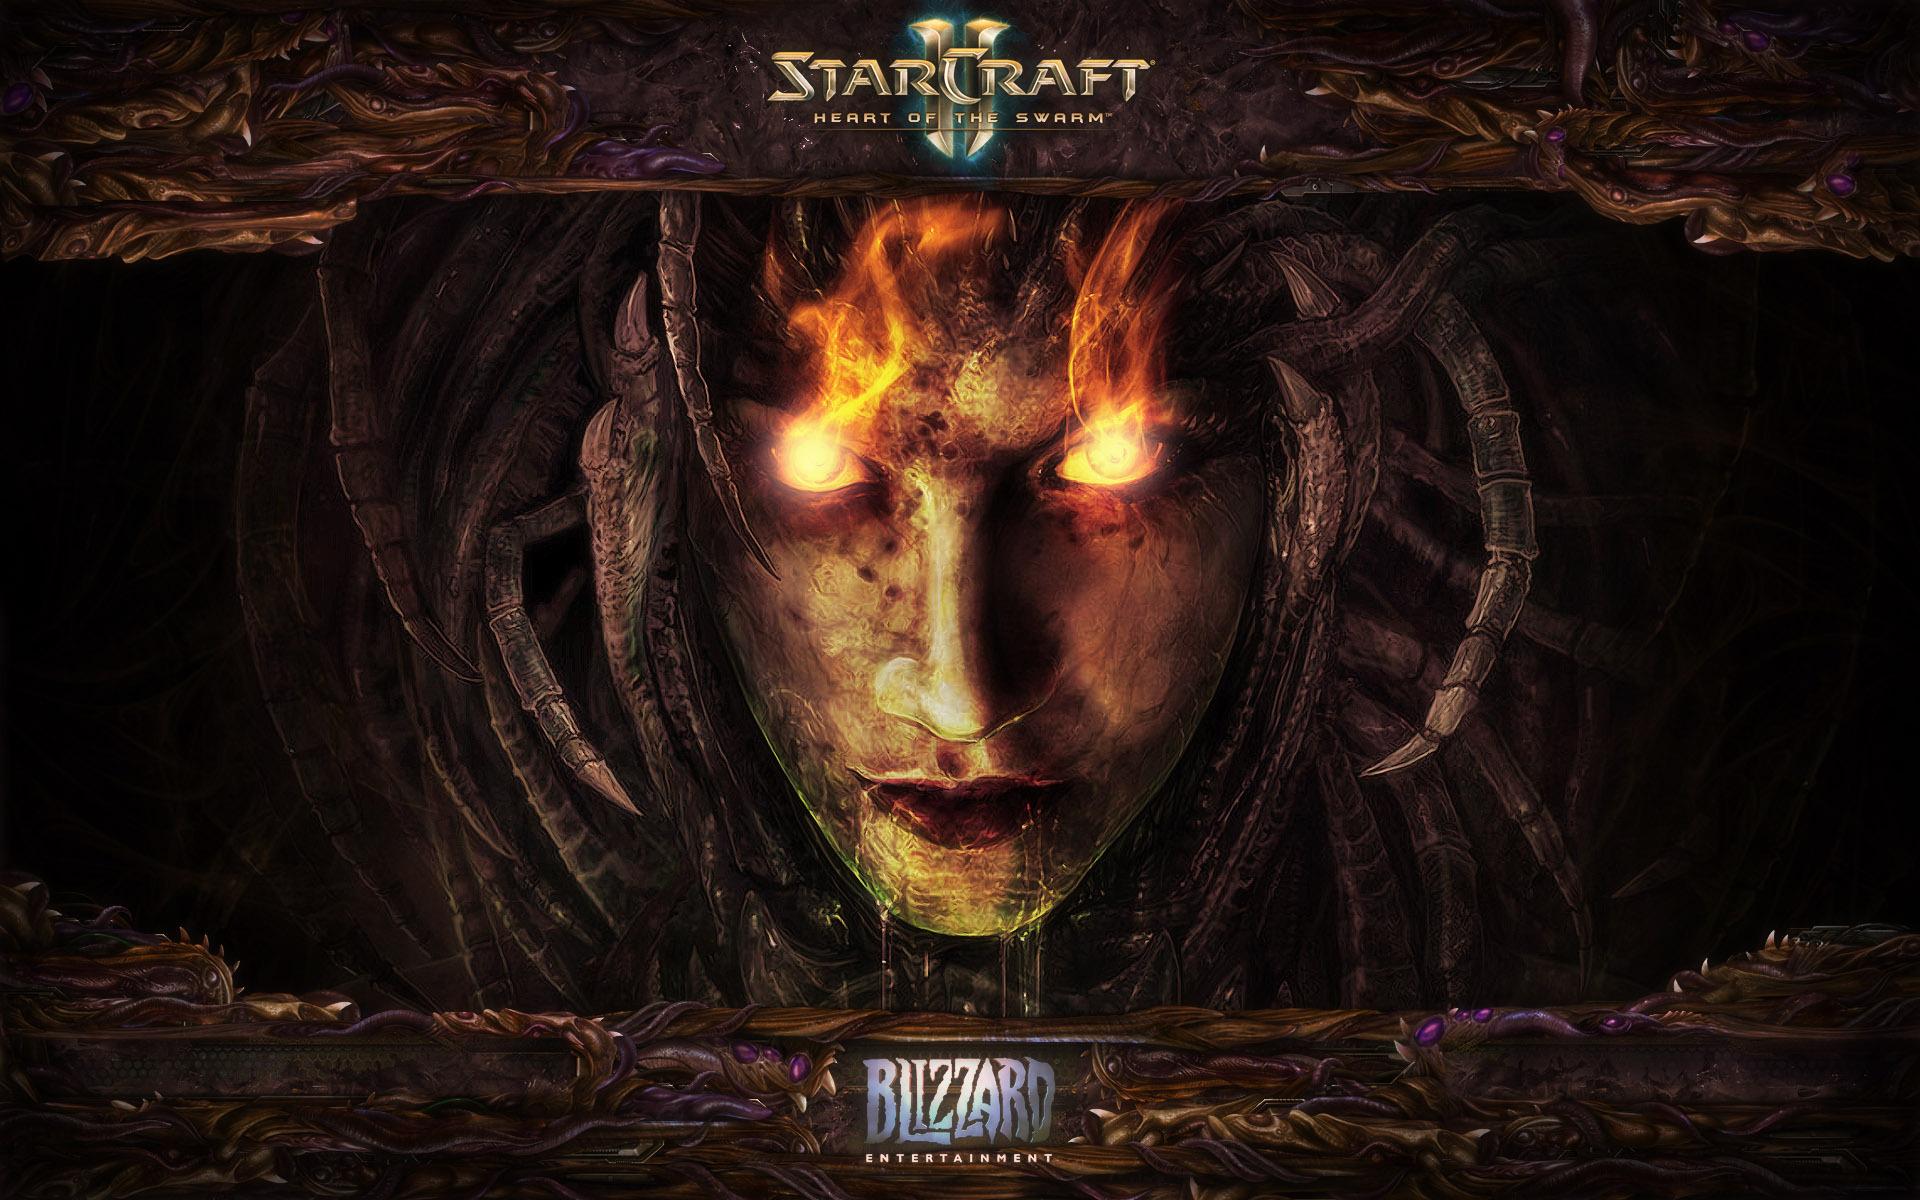 Starcraft 2 Heart Of The Swarm Wallpaper 1 Wallpapersbq